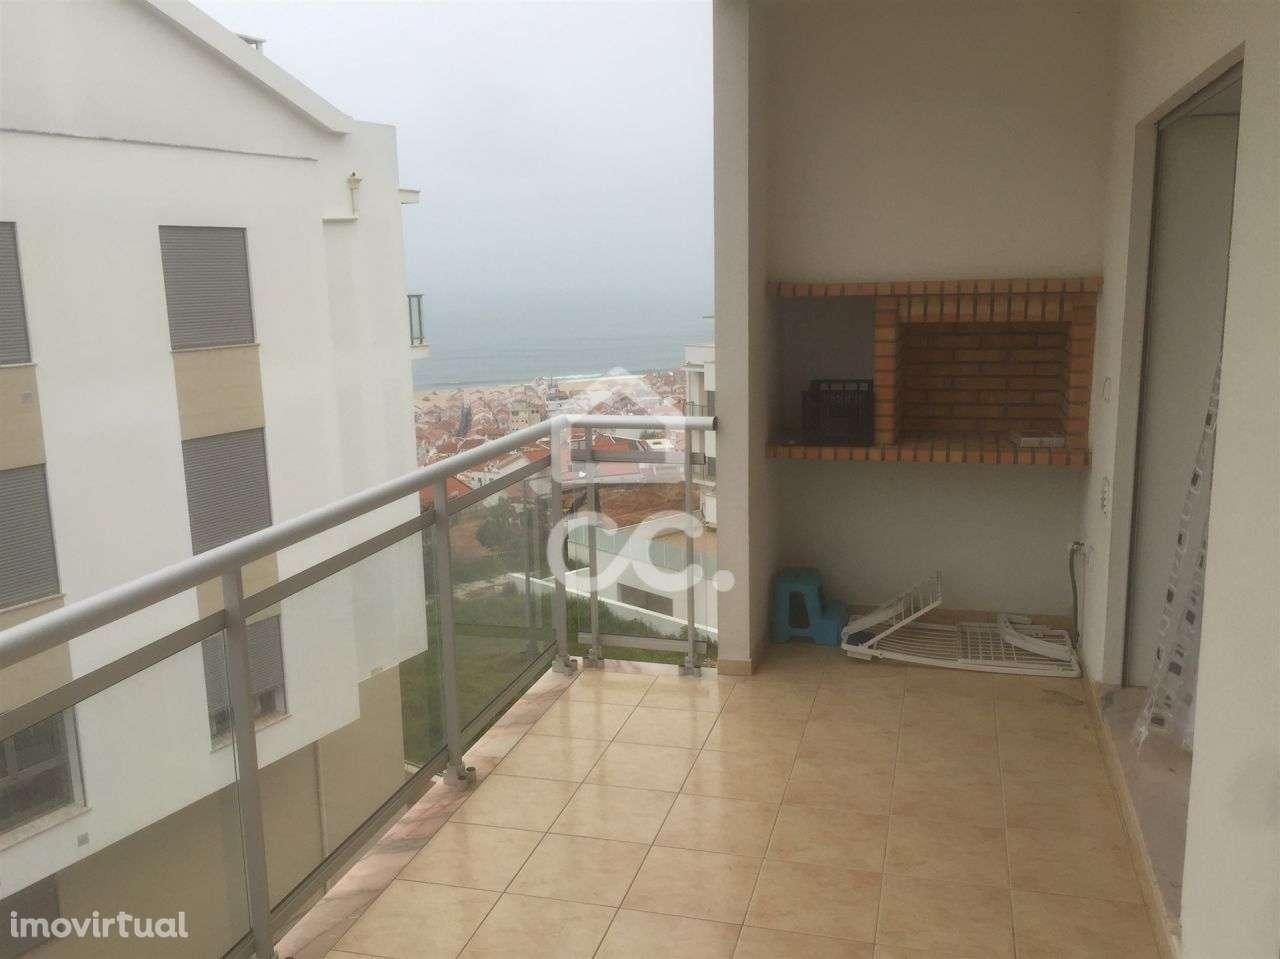 Apartamento para comprar, Famalicão, Nazaré, Leiria - Foto 5